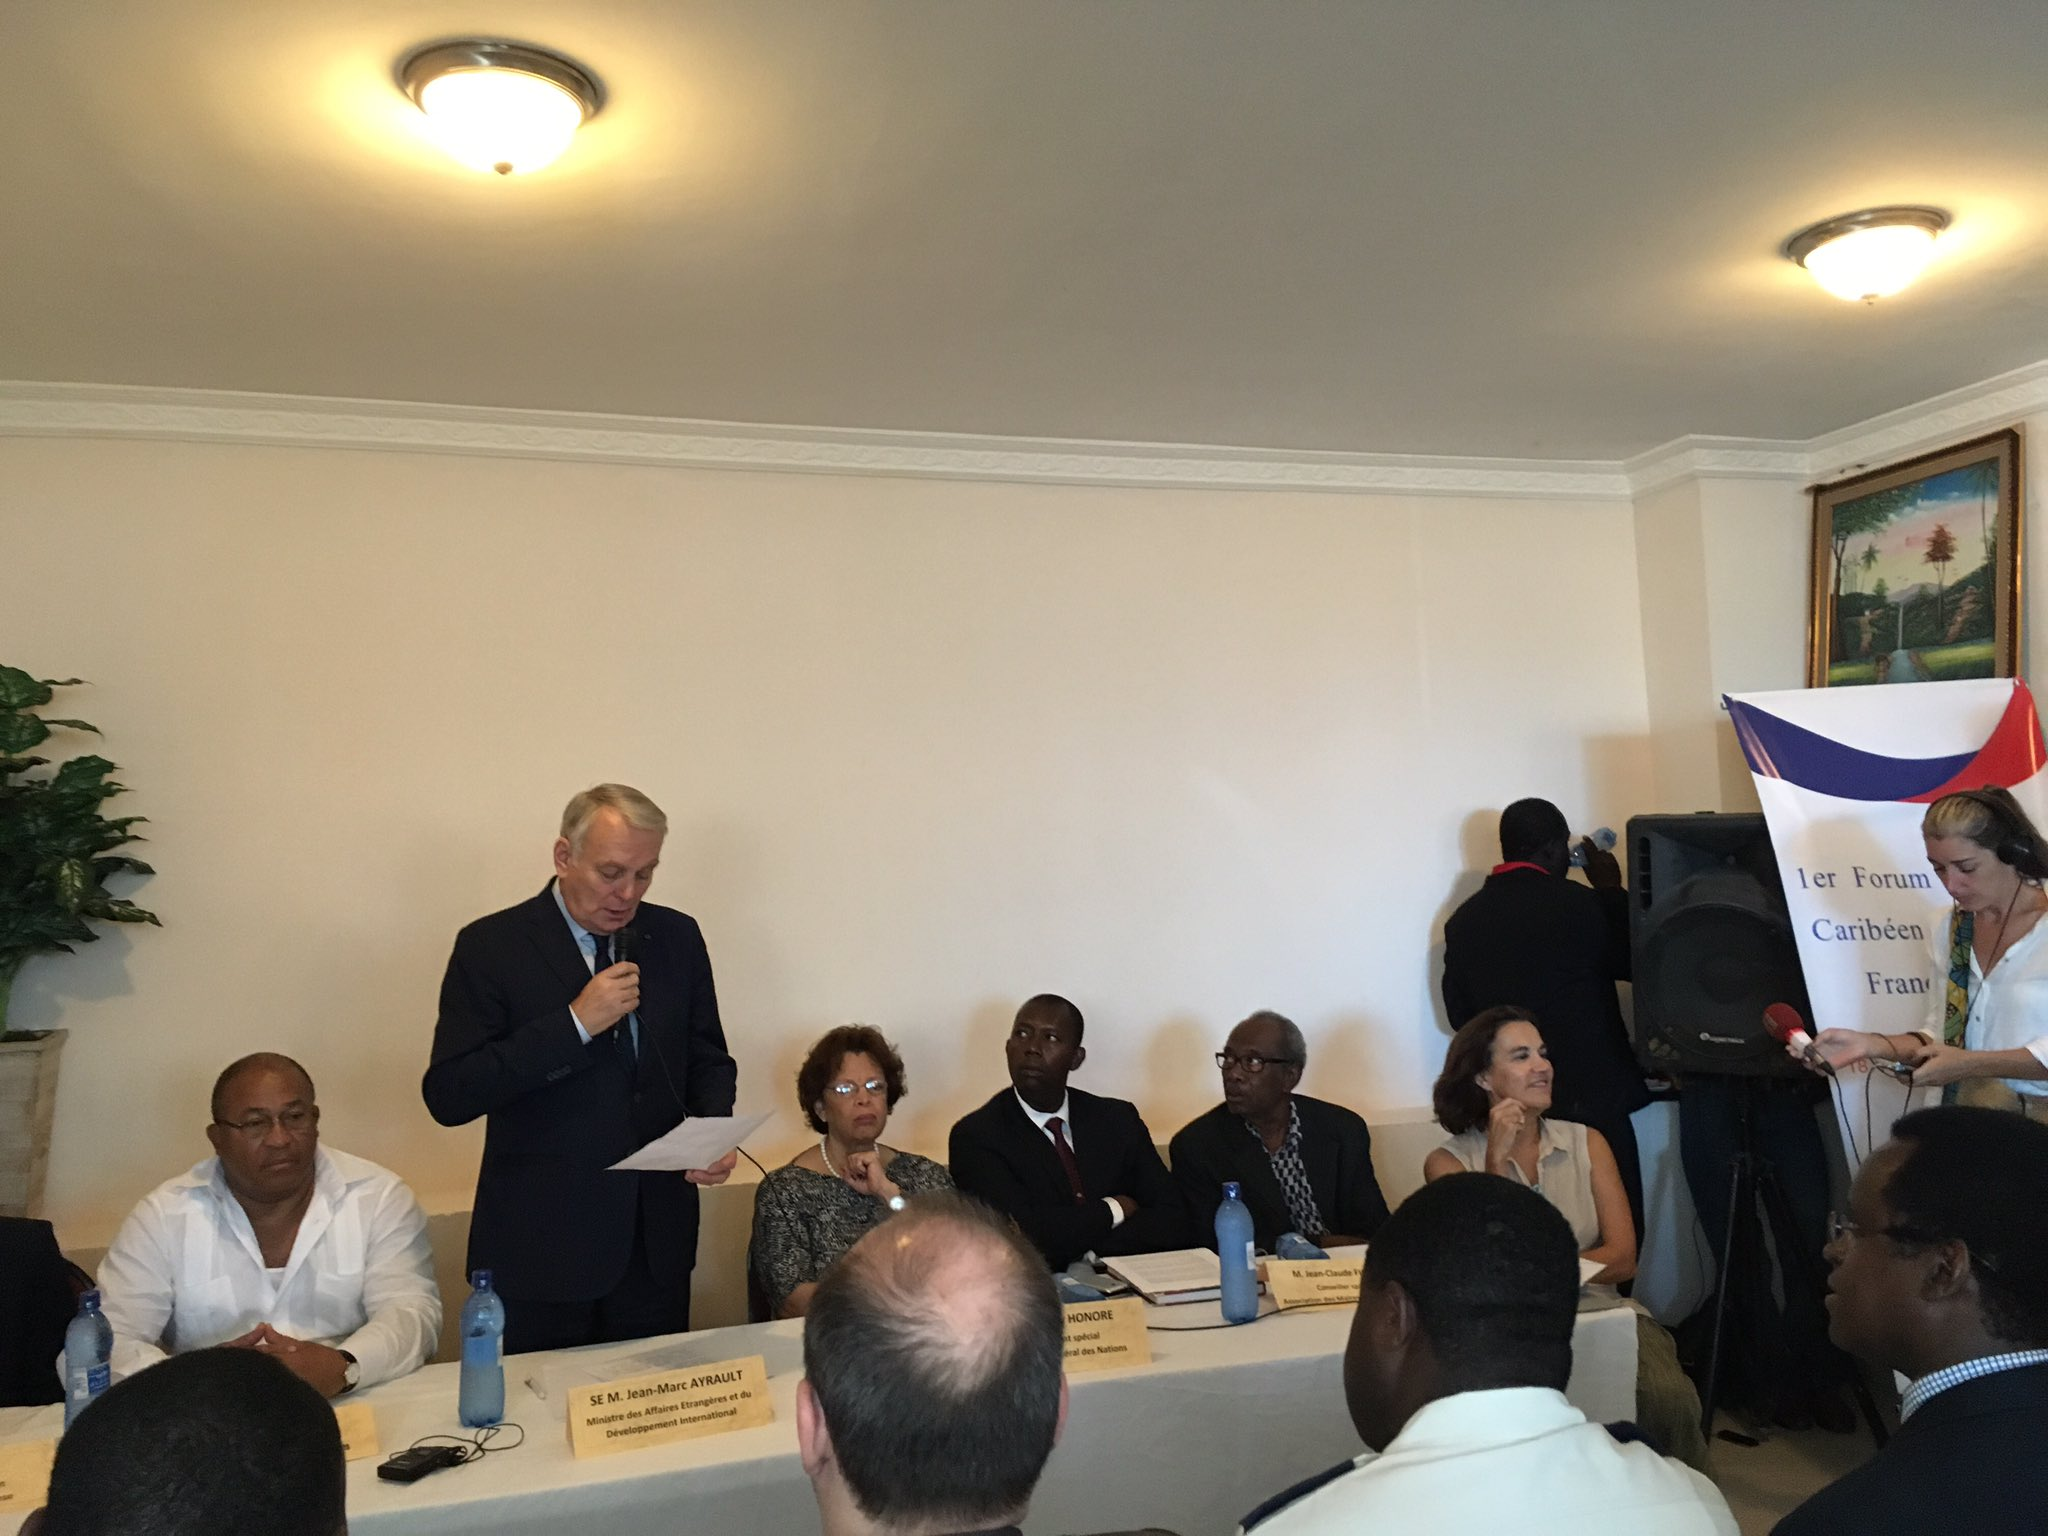 Rencontre des maires francophones d'#Haiti, Martinique et Guadeloupe, hommage de @jeanmarcayrault à la coop. dez: un défi pour @AFD_France https://t.co/1P9N0t6iSX